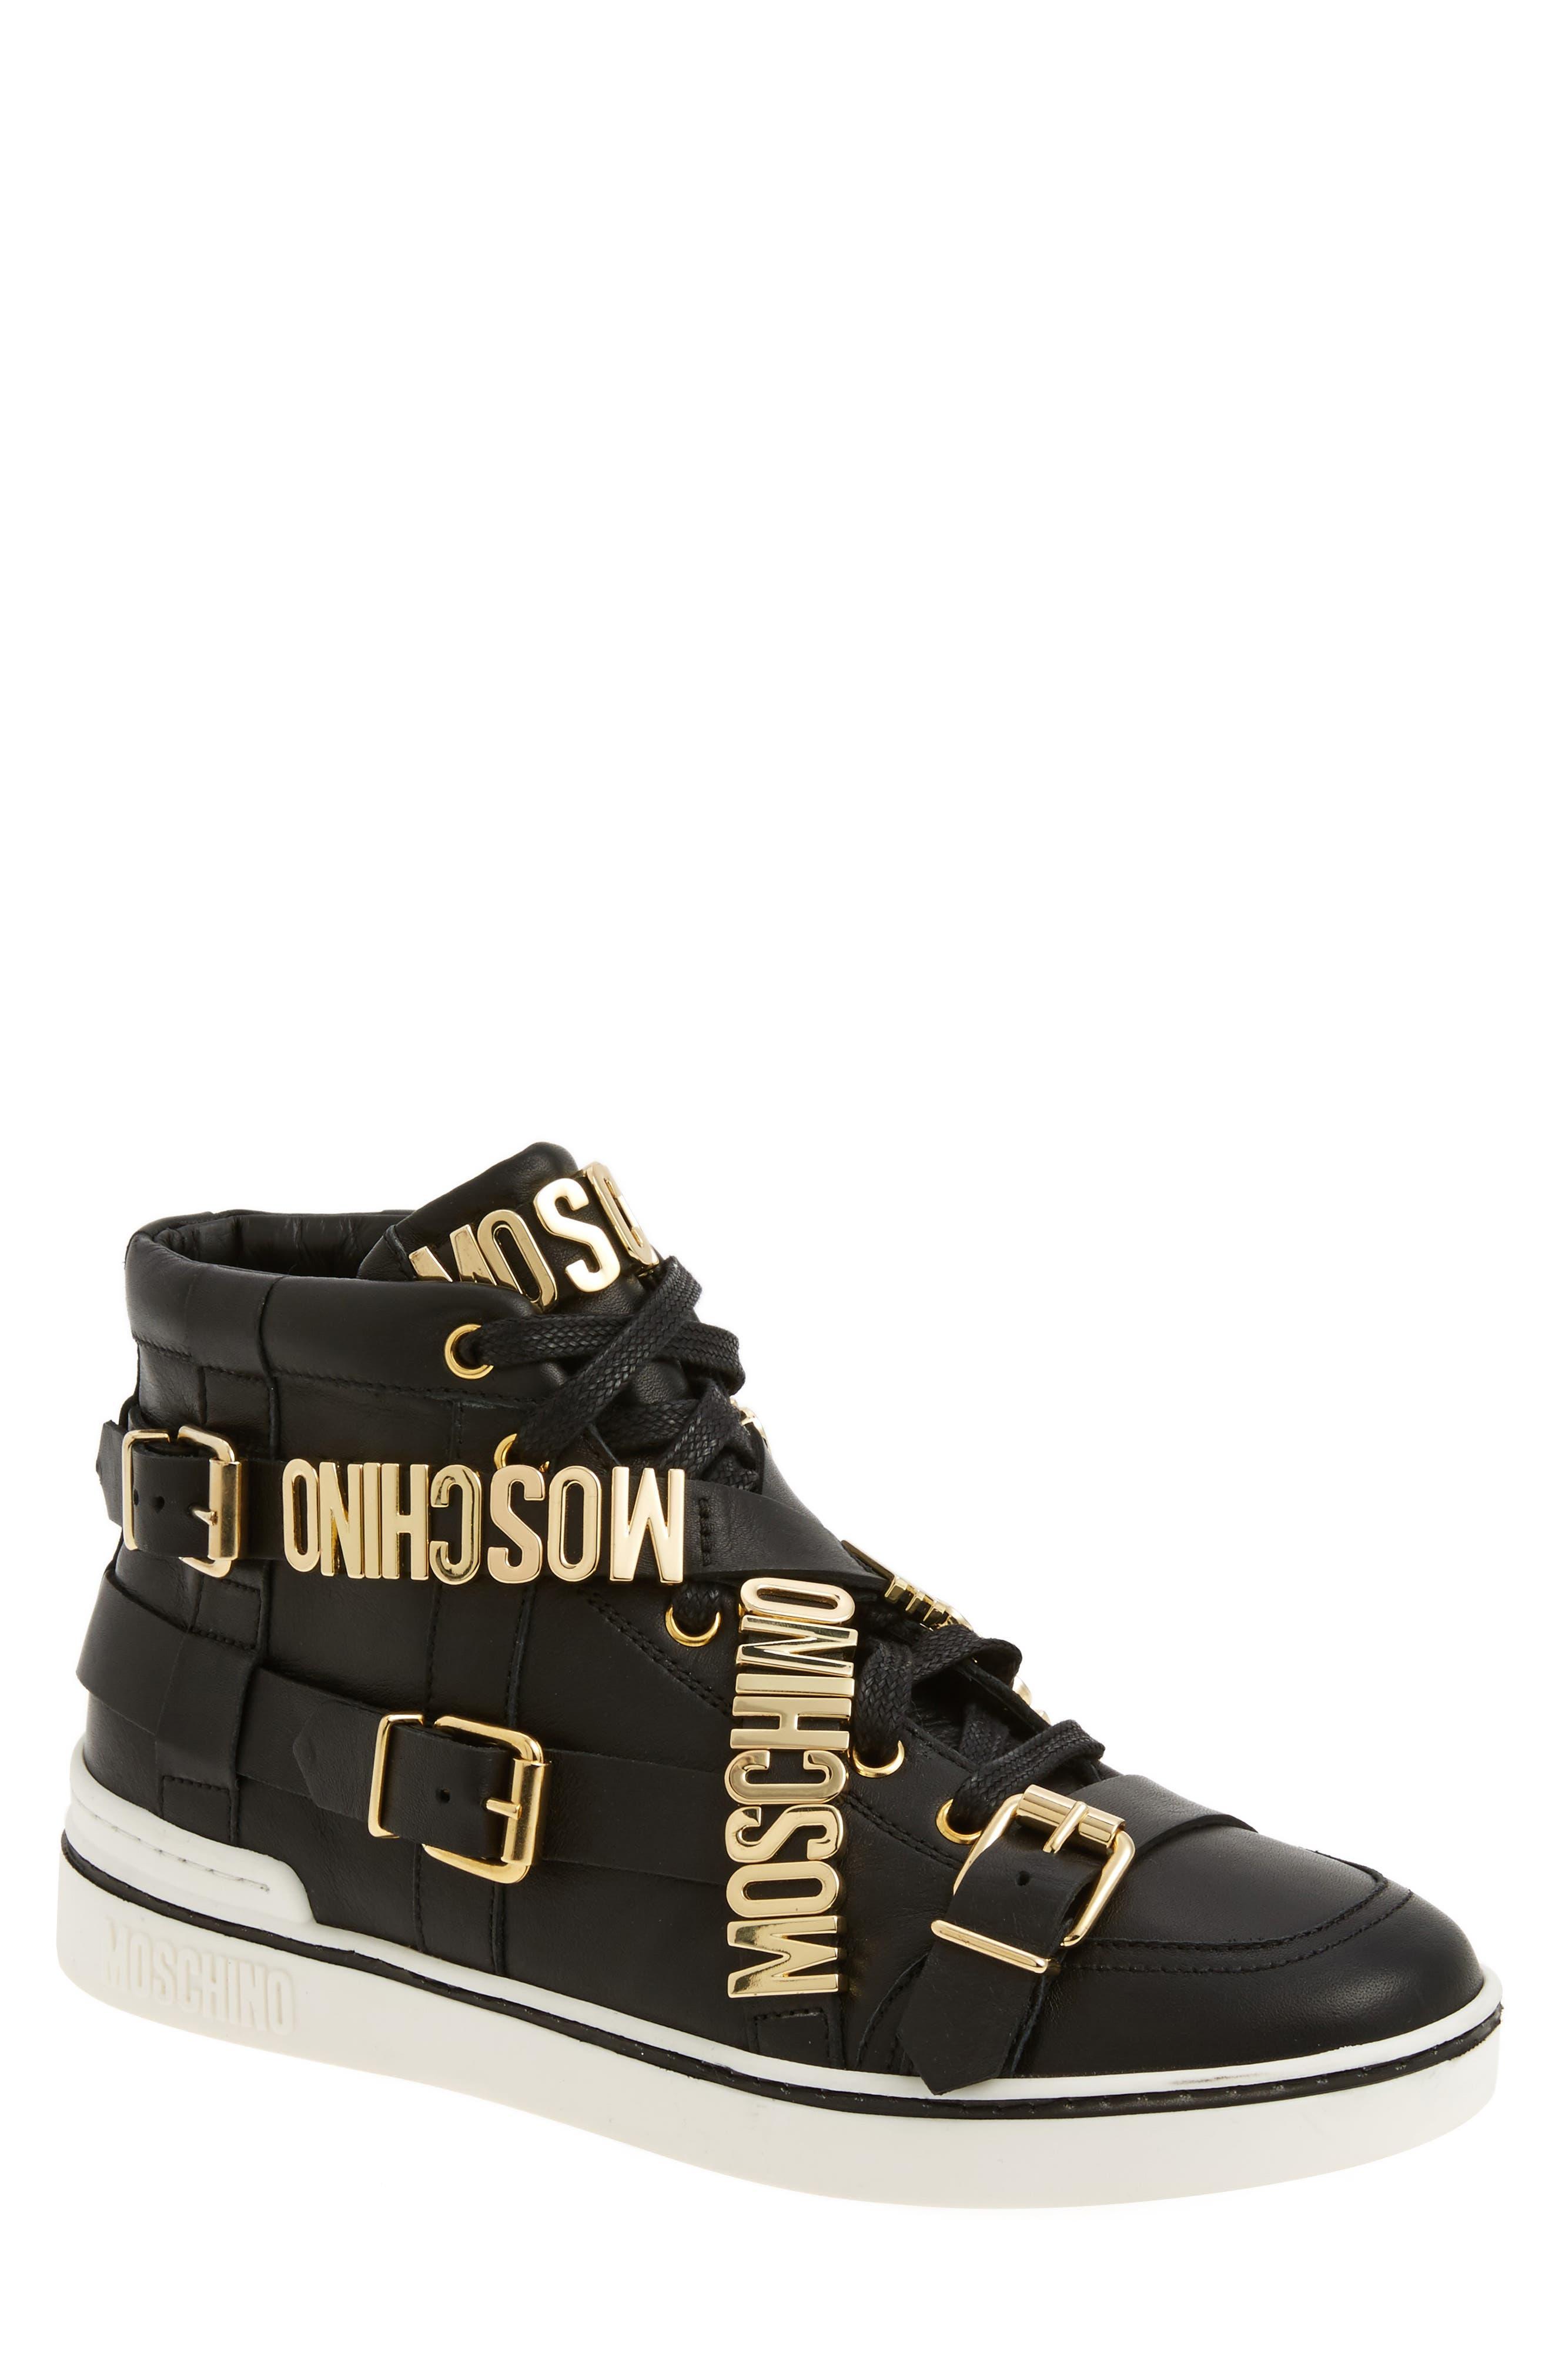 Moschino High Top Sneaker (Men) | Nordstrom